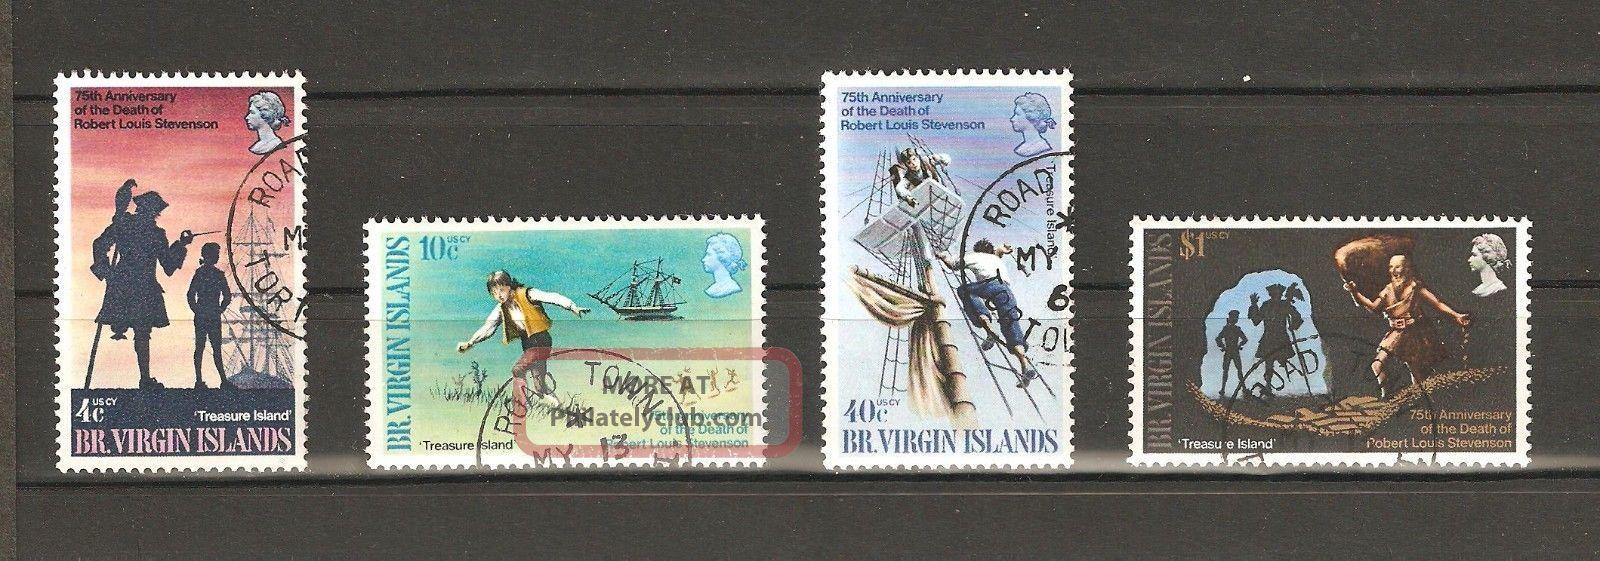 British Virgin Islands 1969 Scott 198 To 201 Treasure Island Vf British Colonies & Territories photo